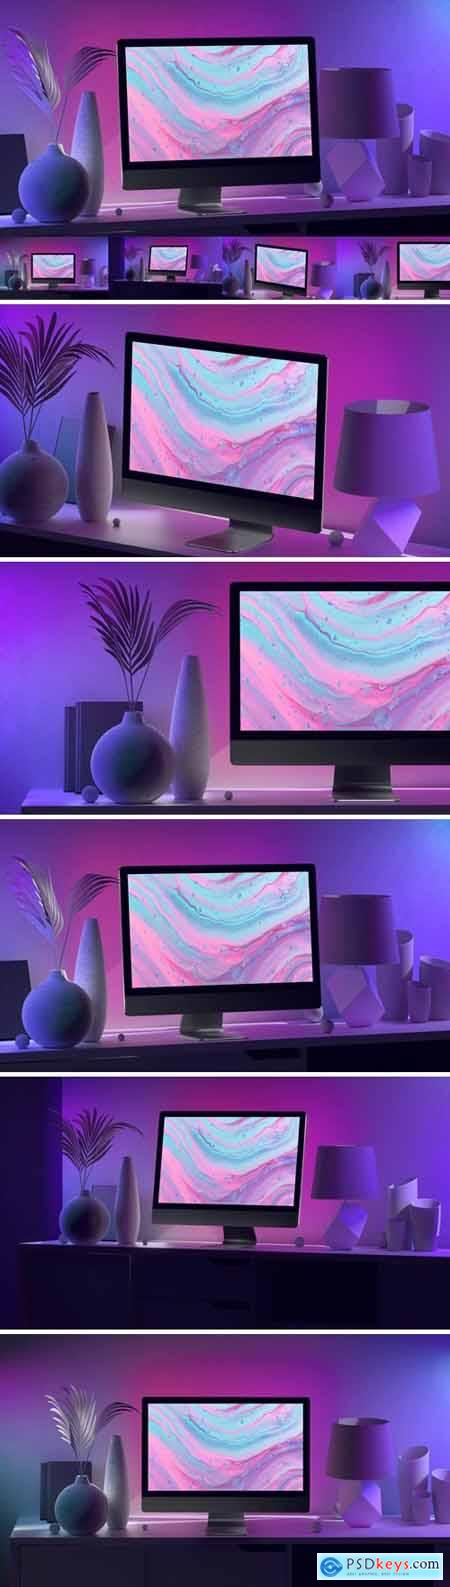 Violet iMac Mockups